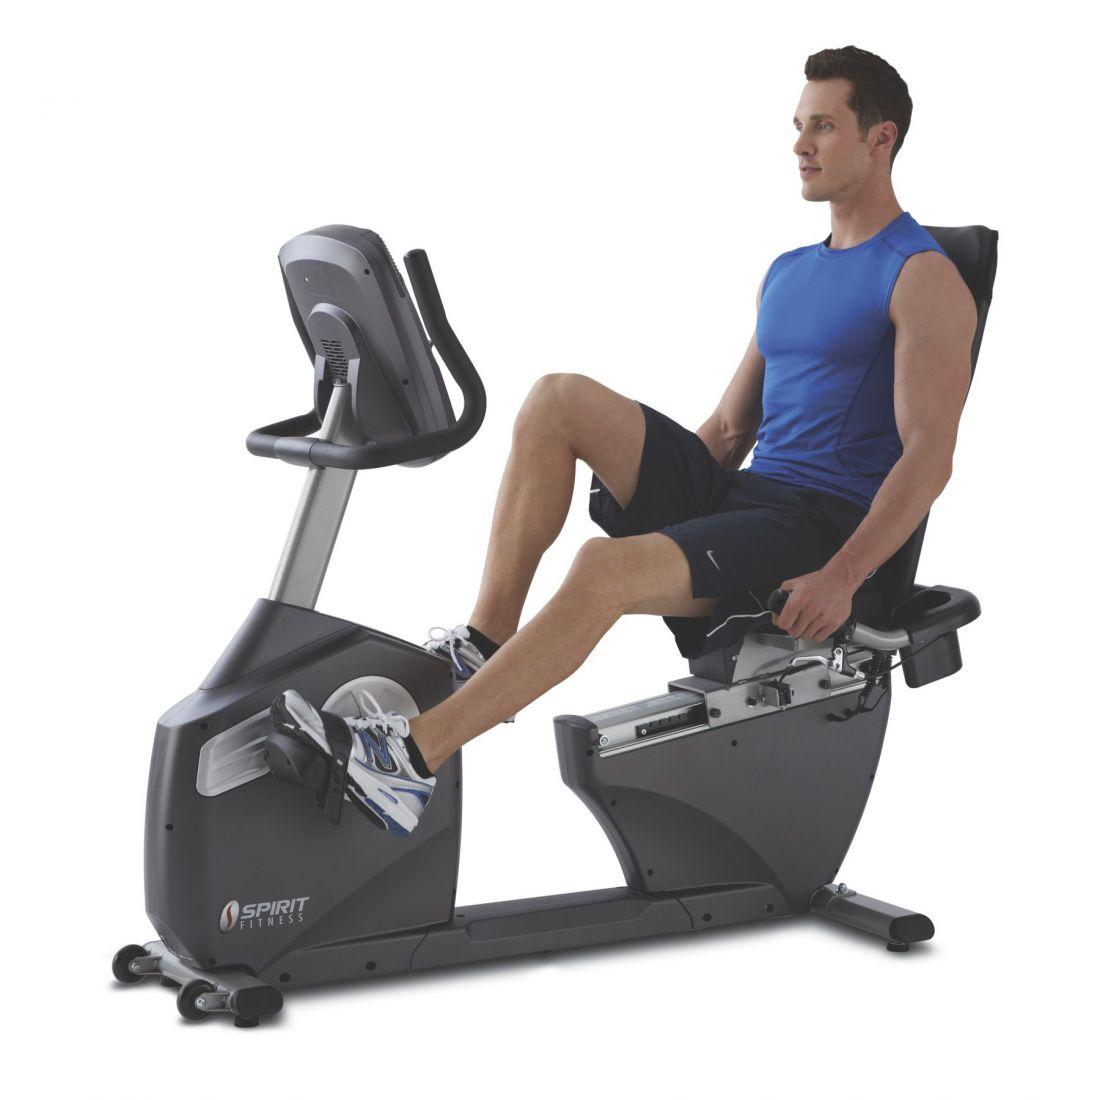 Велотренажер - Spirit Fitness XBR25